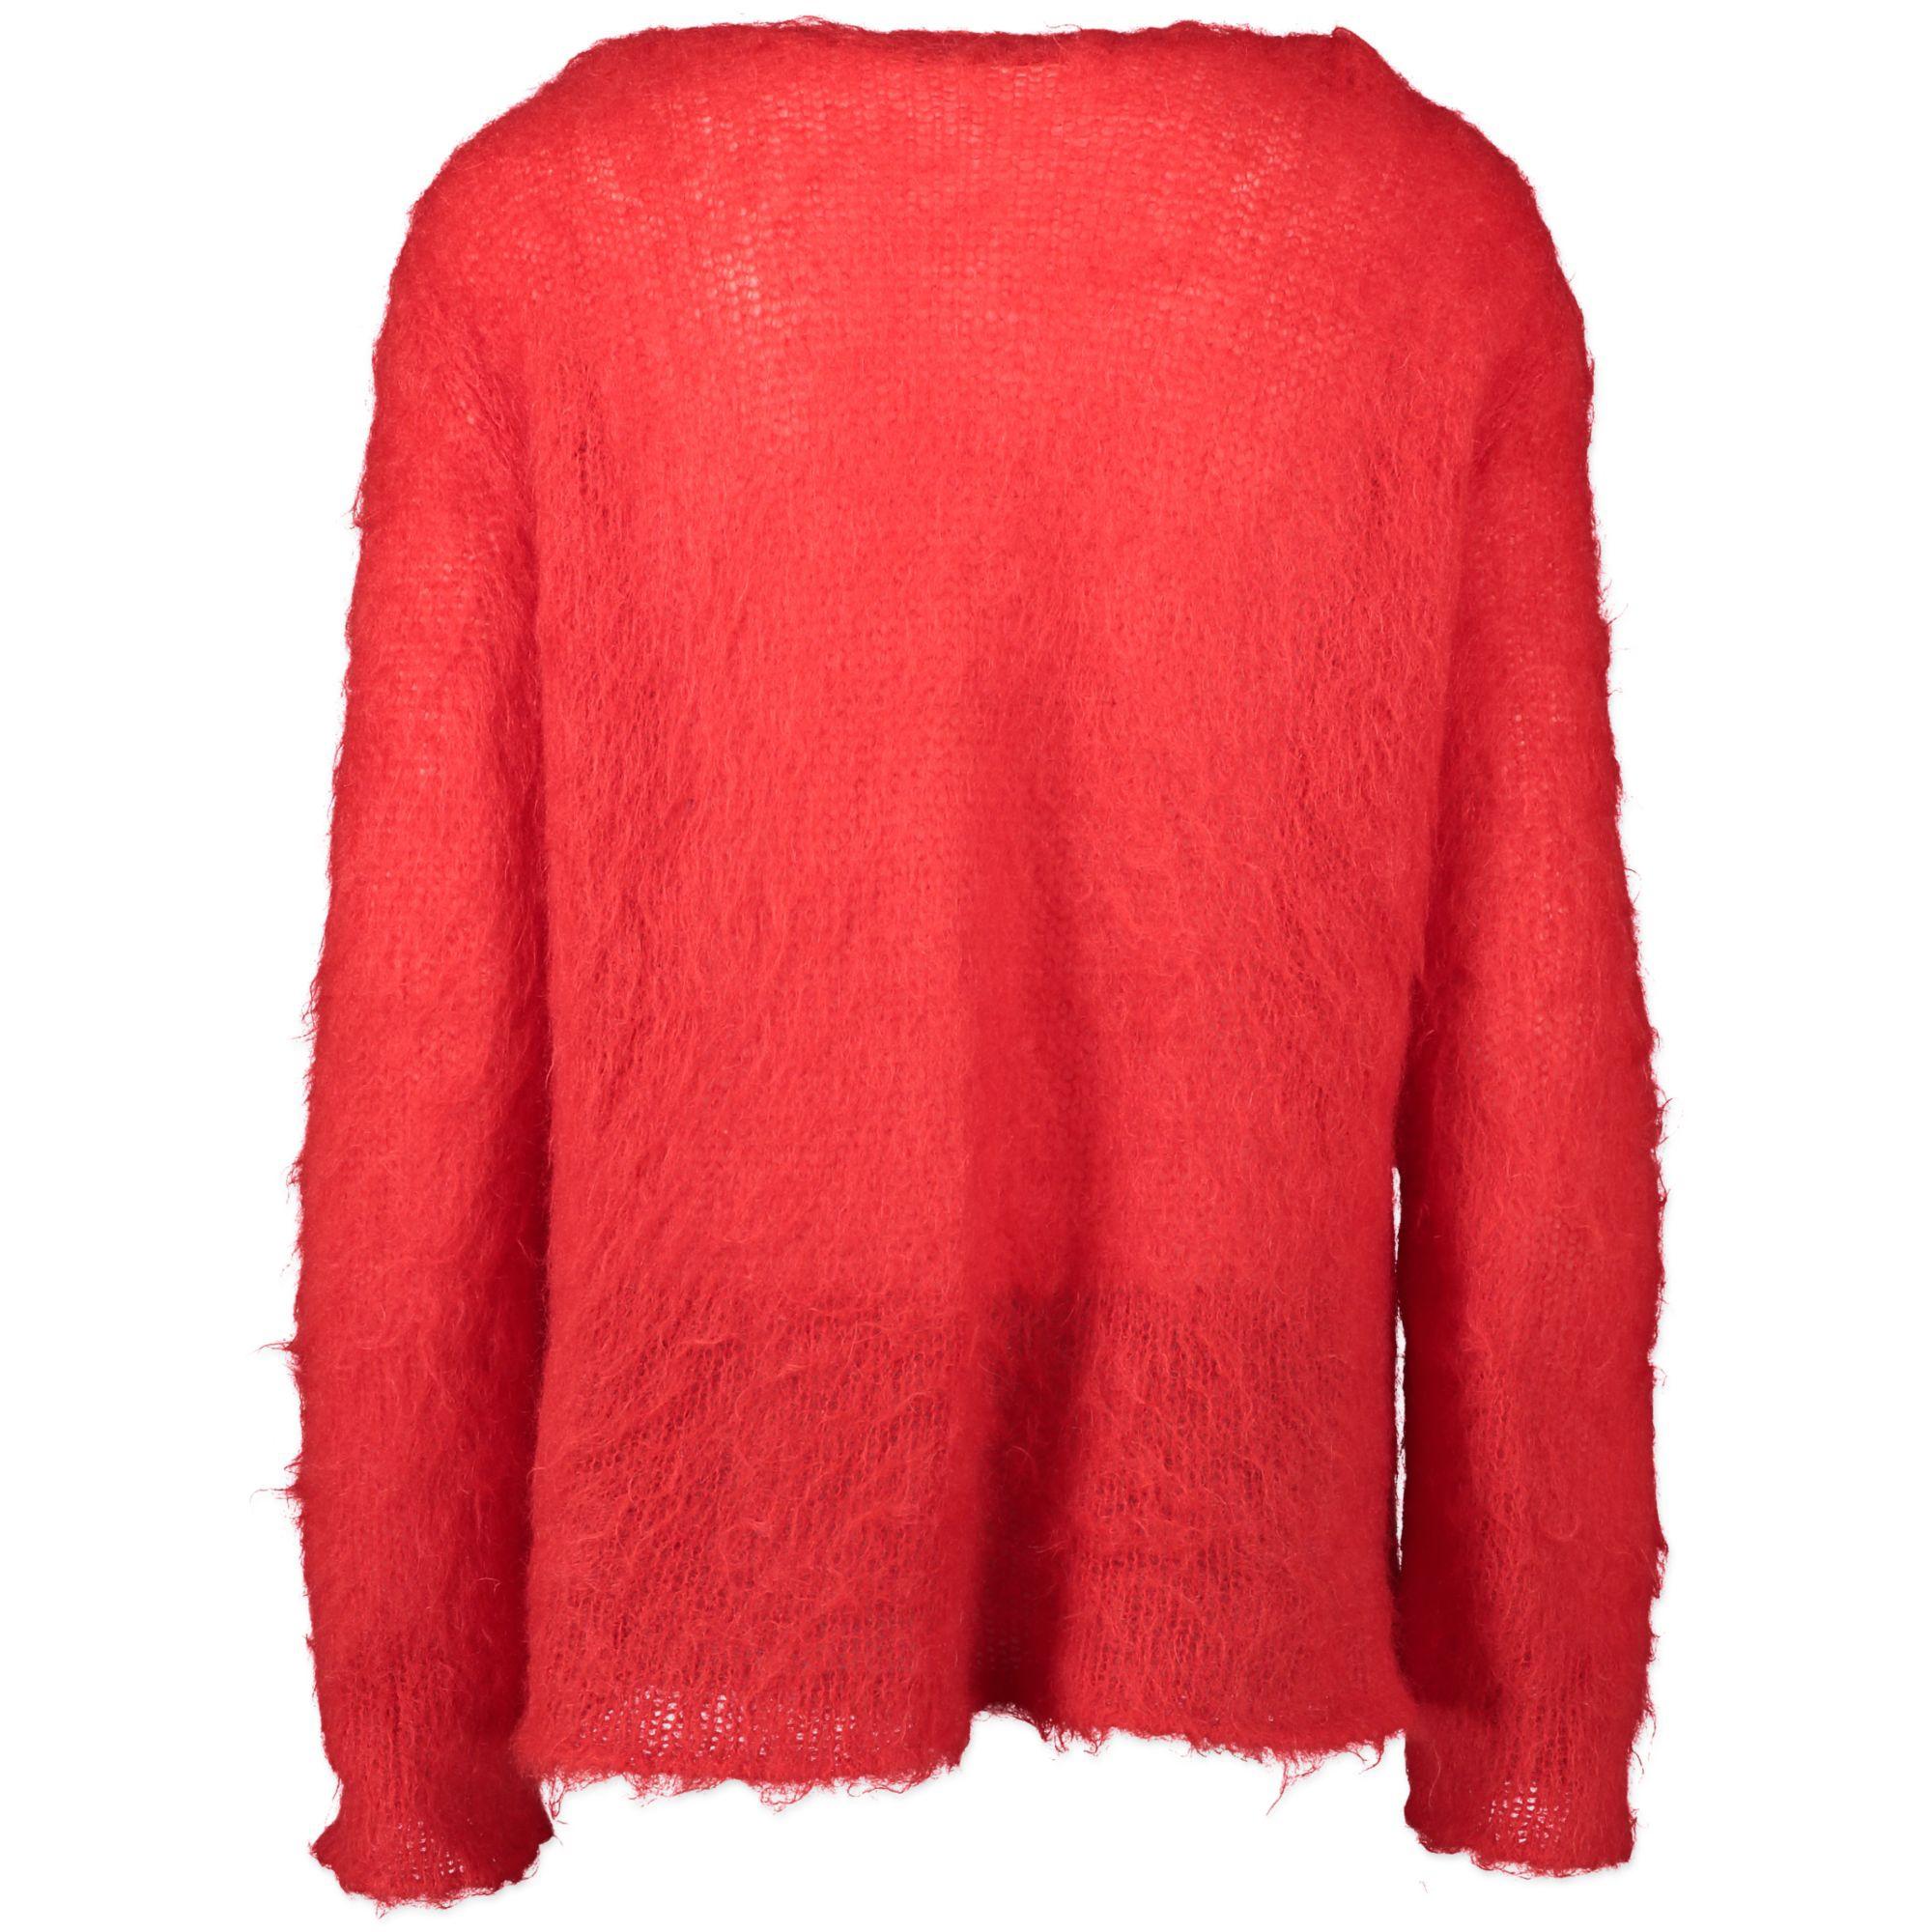 Saint Laurent Red Mohair Sweater - size L